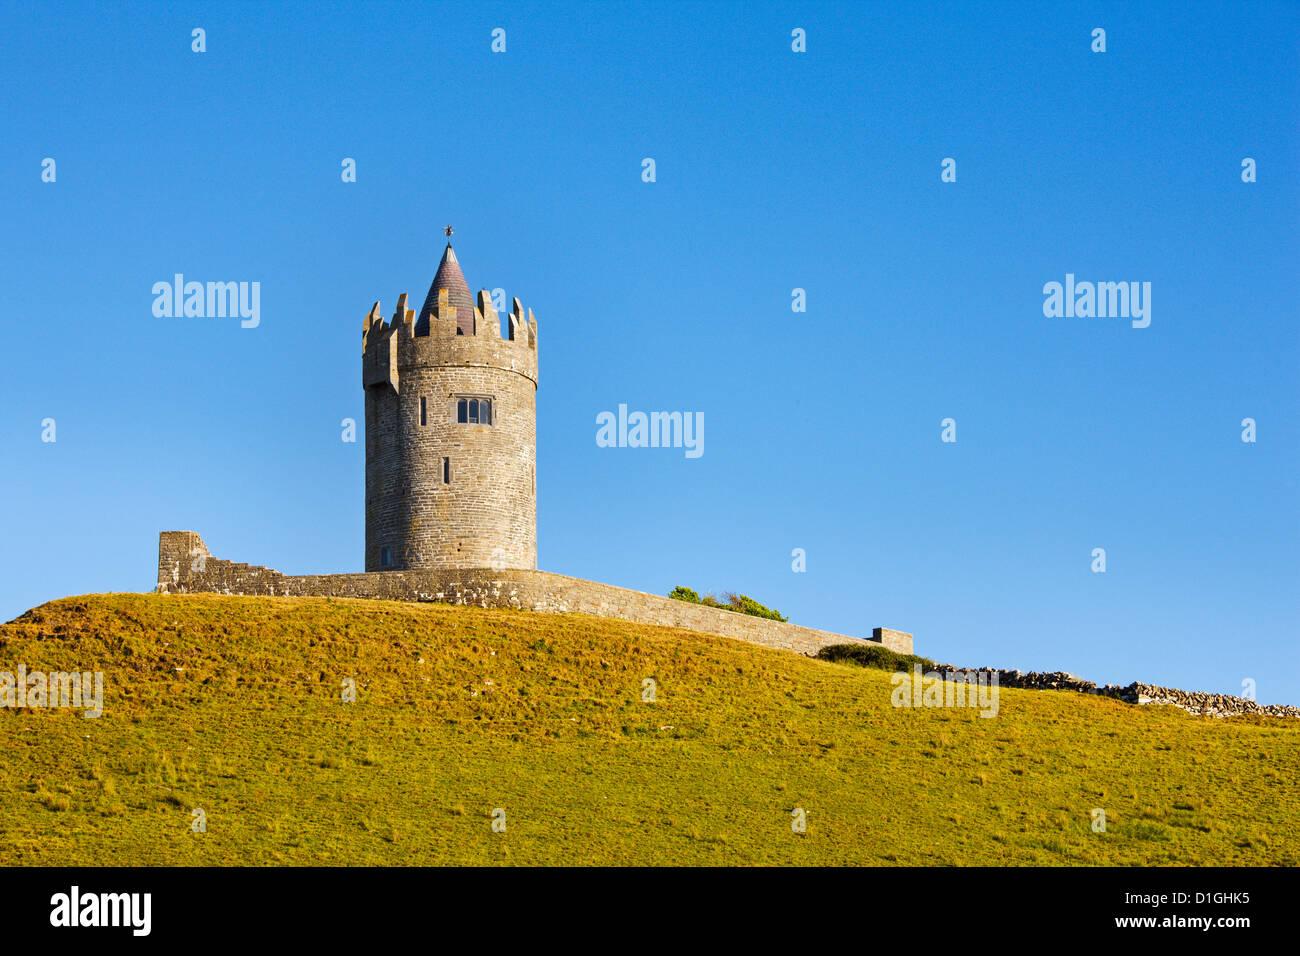 Doonagore Castillo en el condado de Clare coast, Condado de Clare, Munster, República de Irlanda Foto de stock